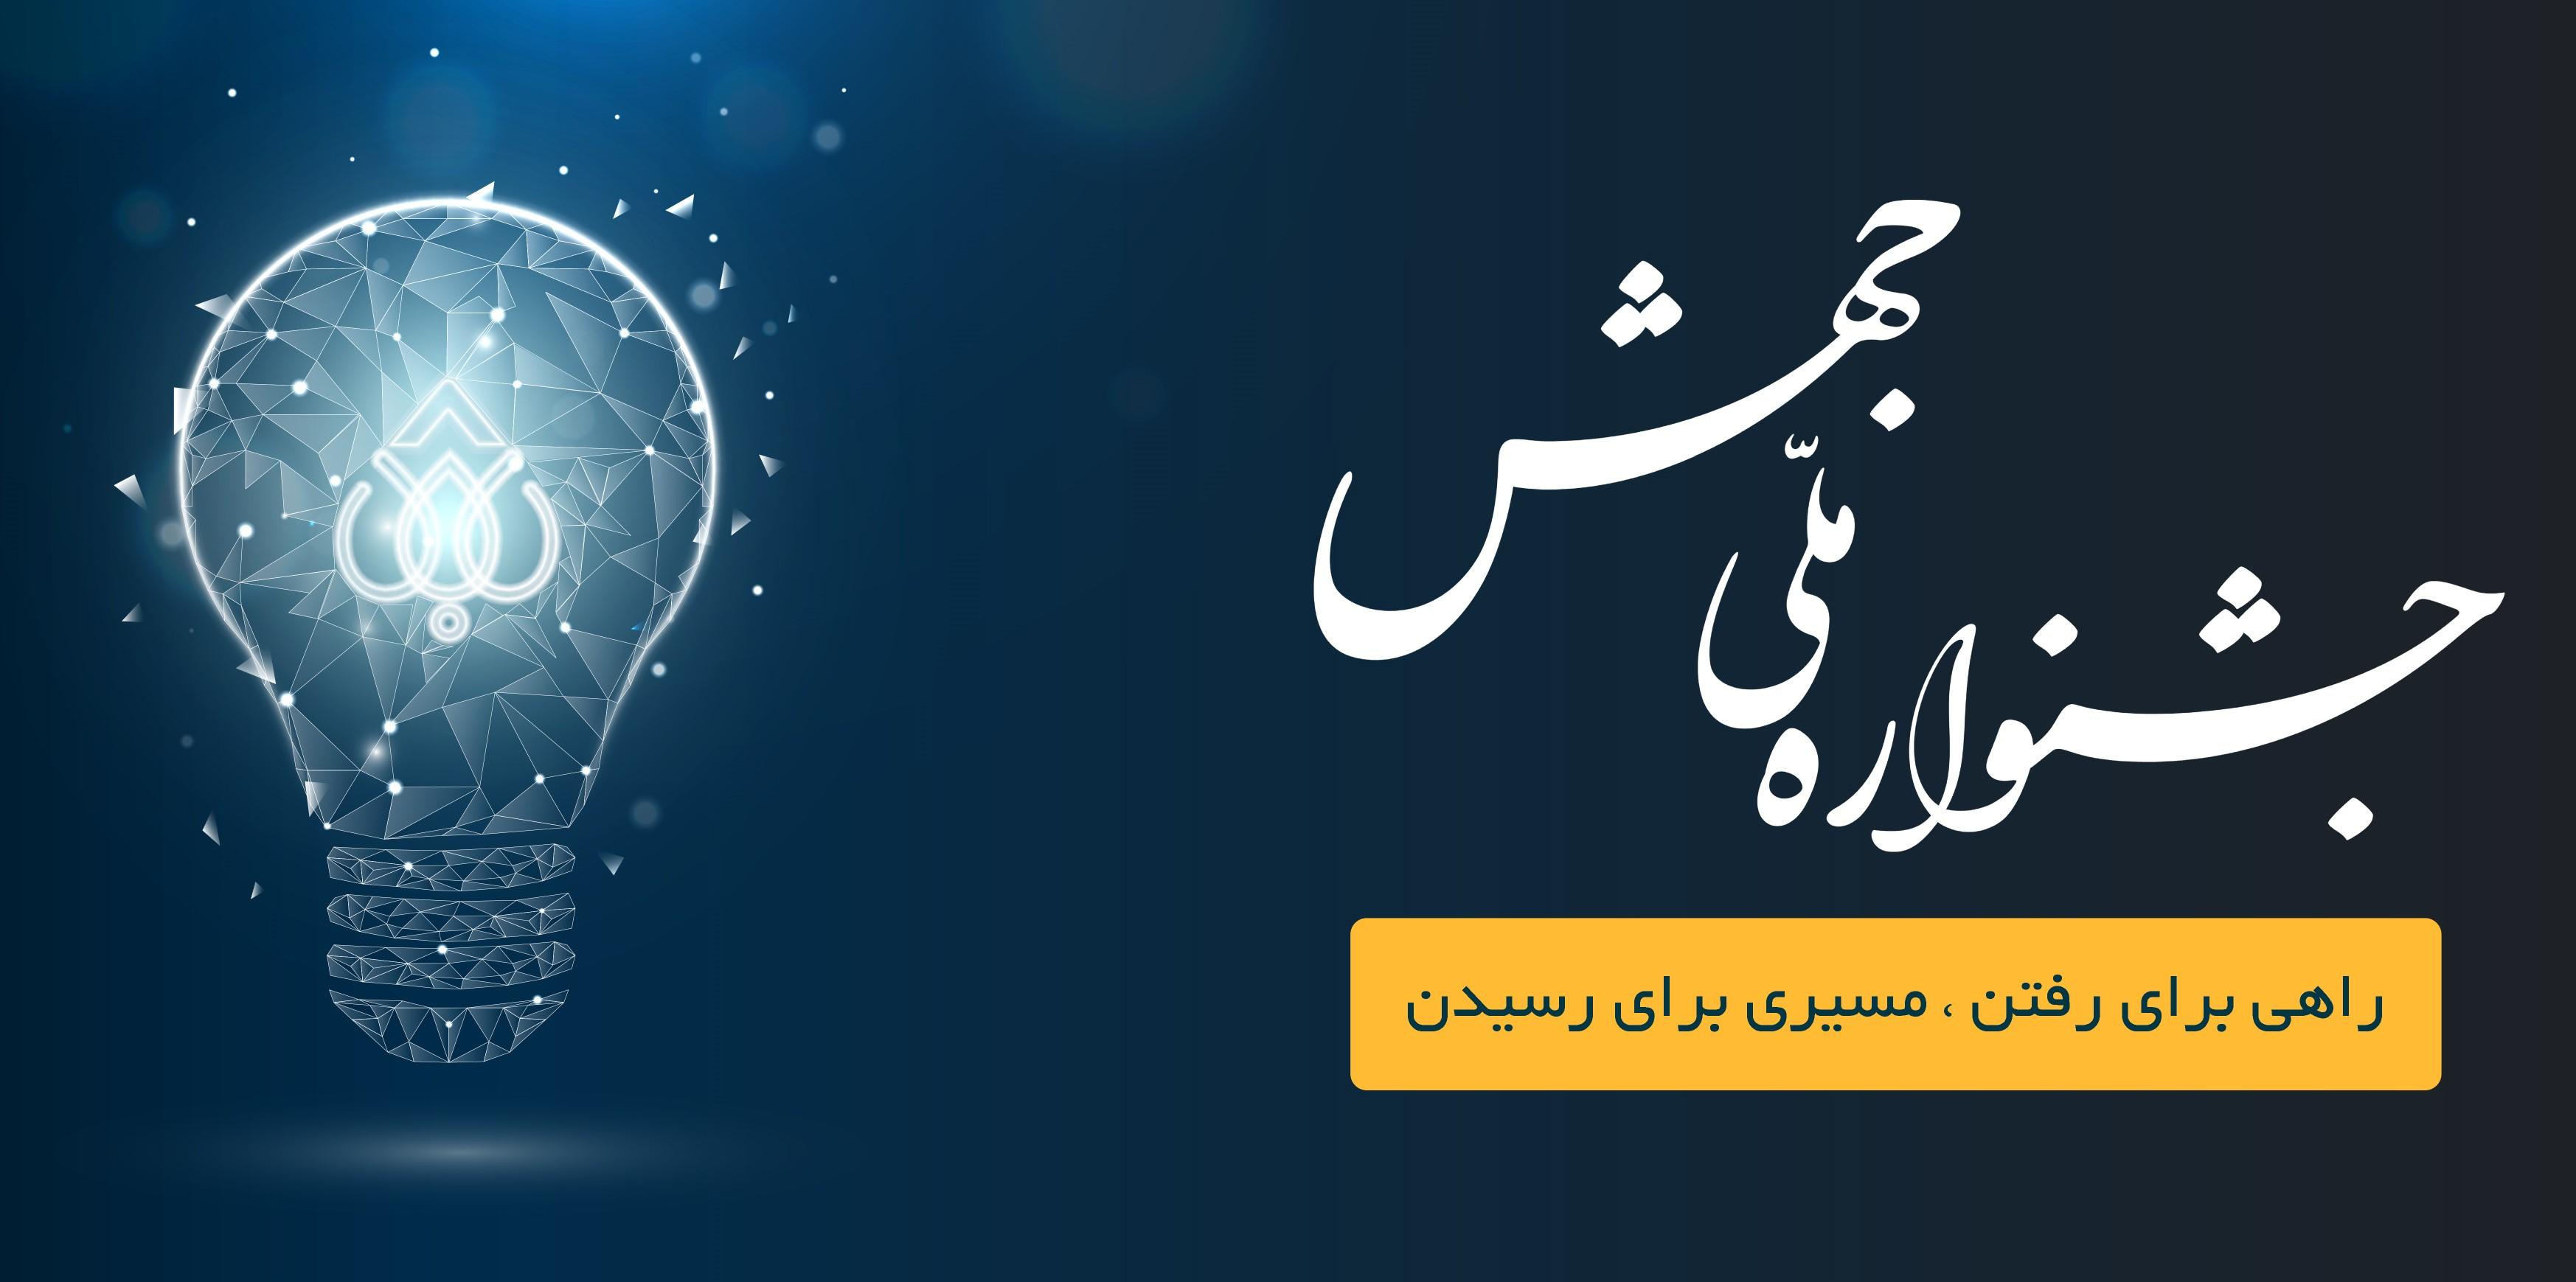 کلیپ غرفه جشنواره ملی جهش در حاشیه همایش مدیران بنیاد مستضعفان